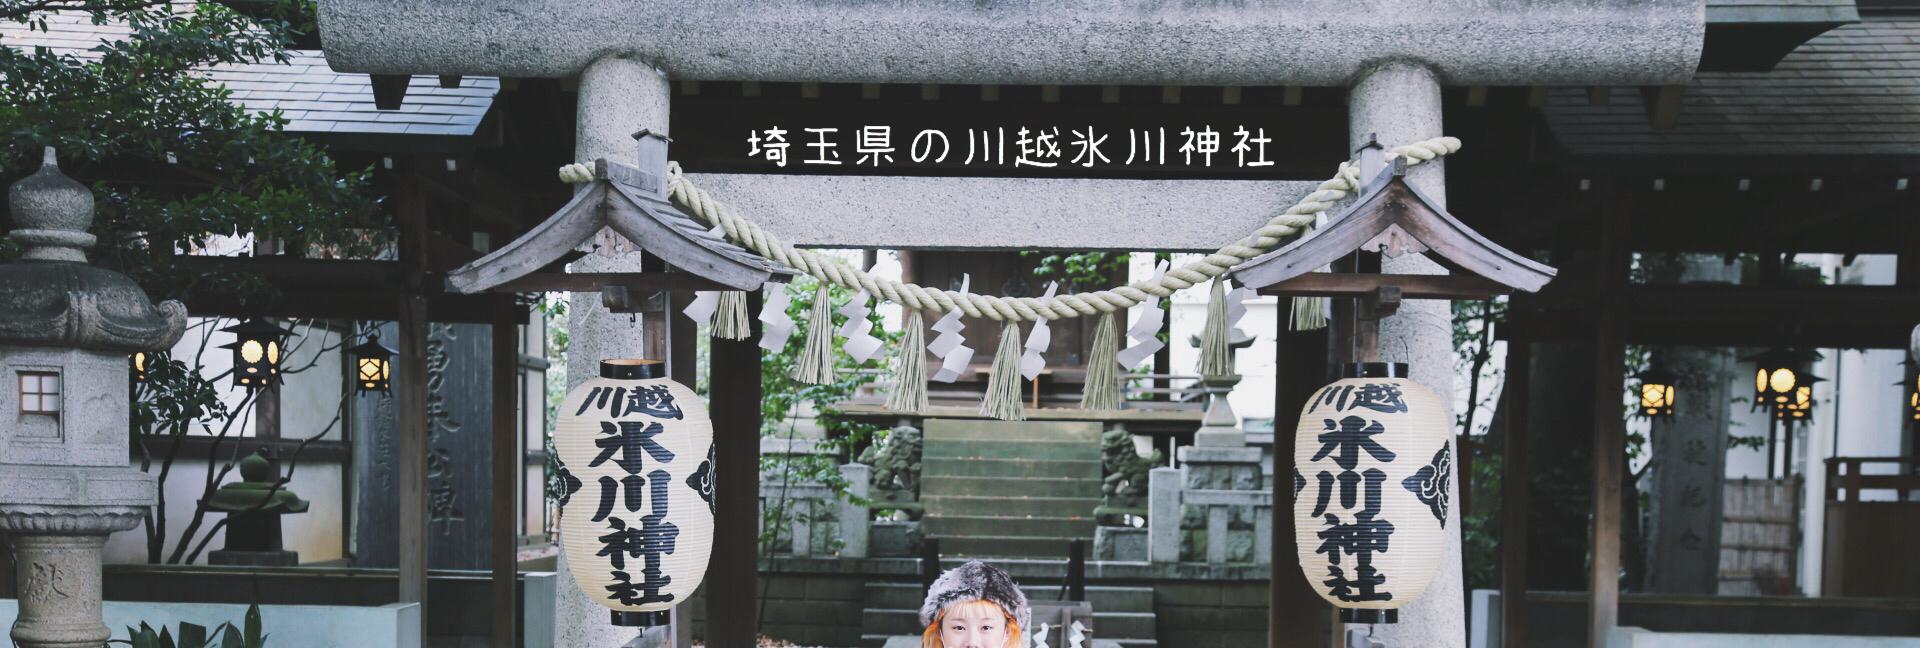 東京埼玉県の川越氷川神社⛩️